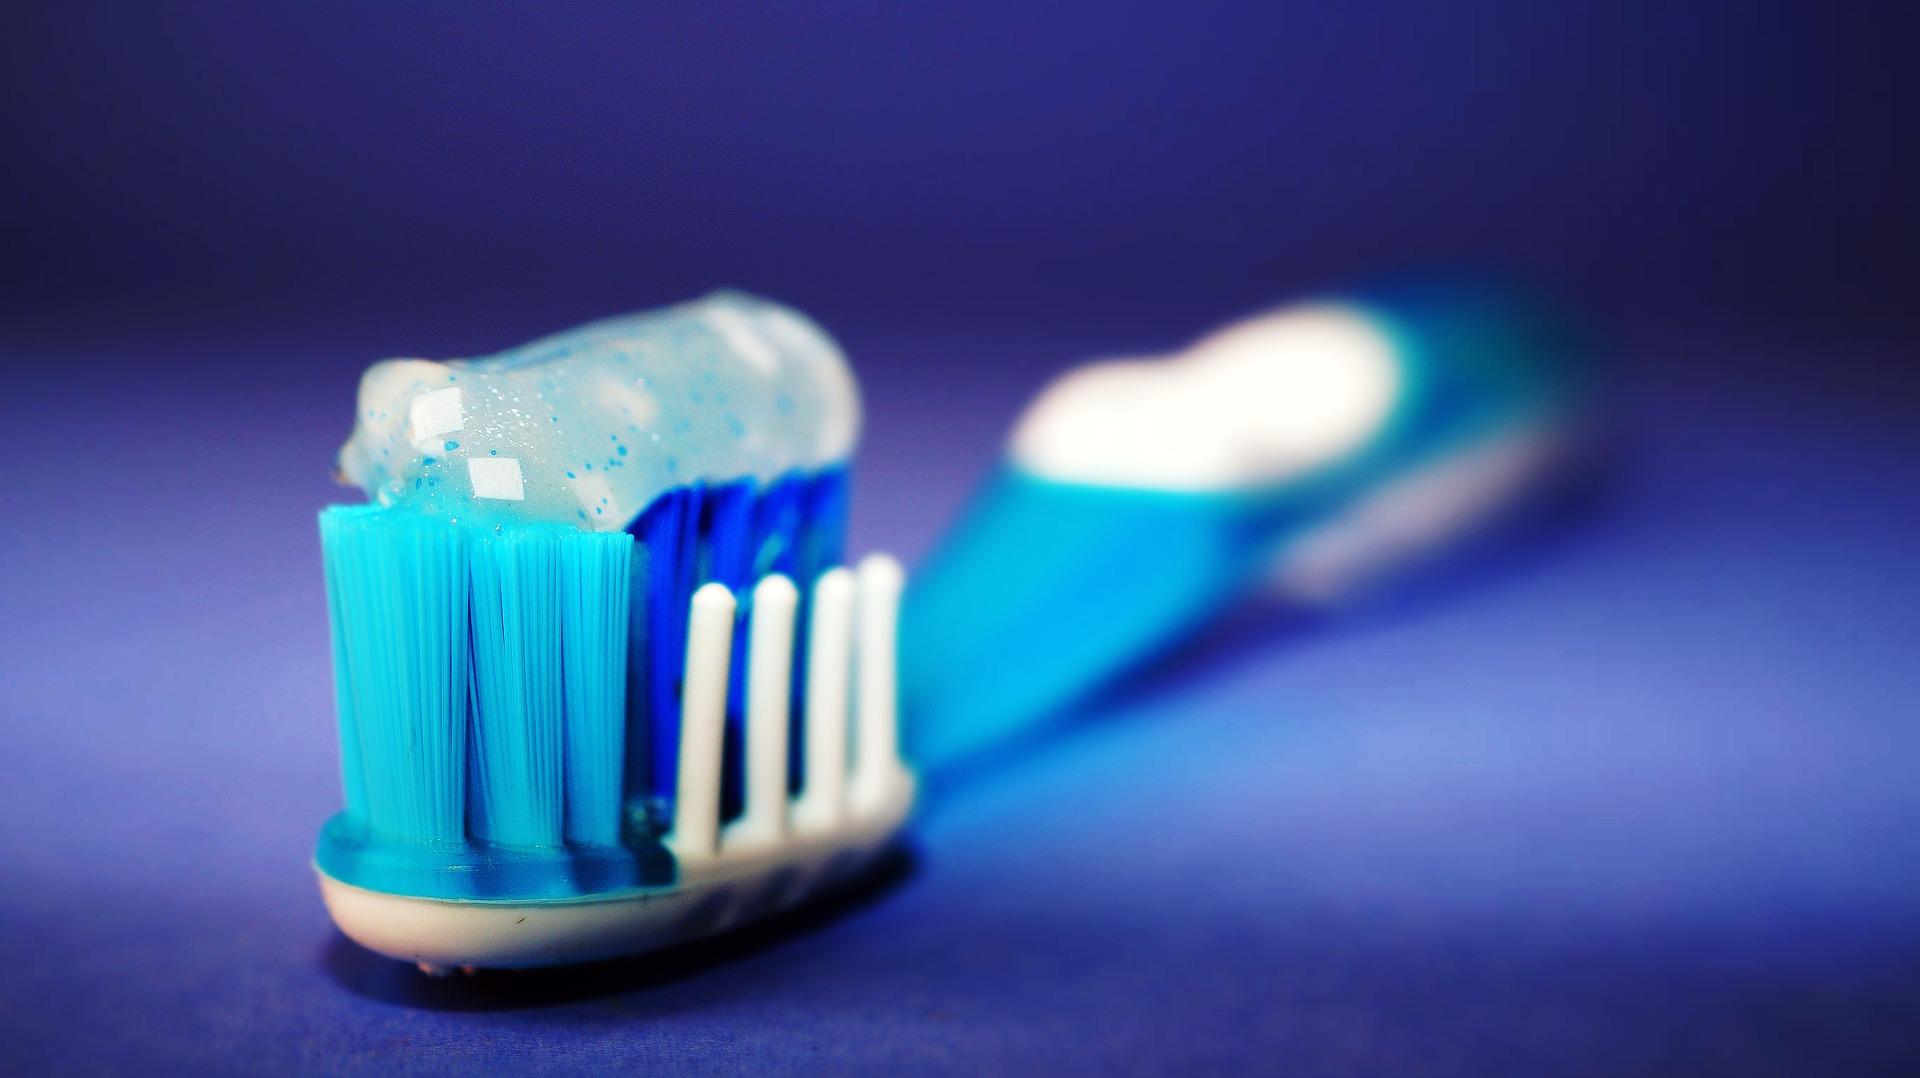 Zubním kartáčkem ke zdravému úsměvu